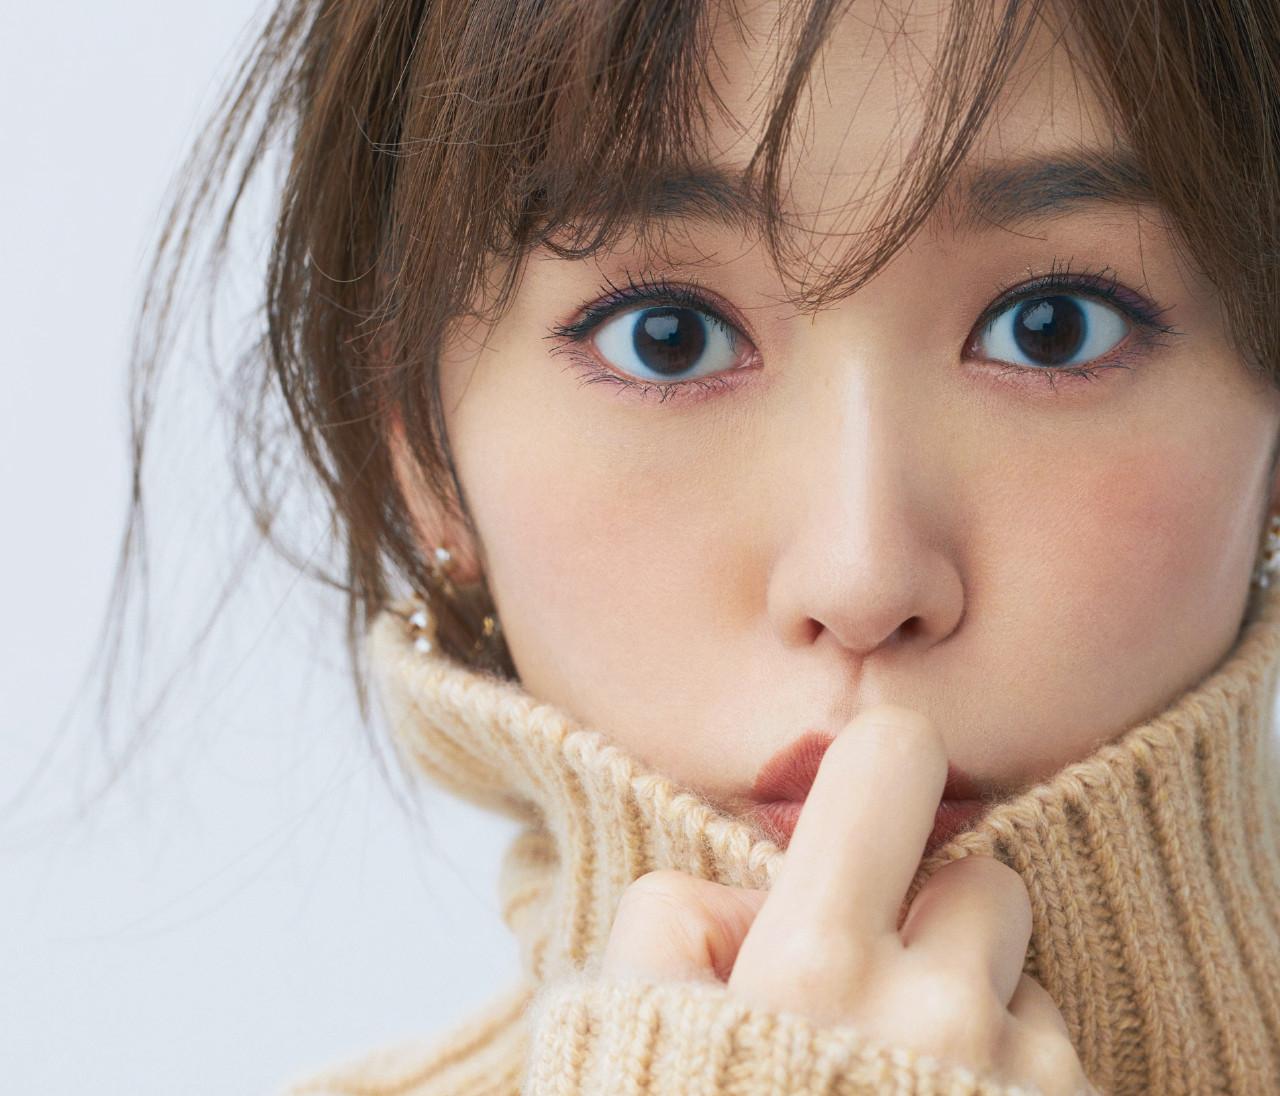 【桐谷美玲】 家族が増えて幸せ更新中♡ 美玲さんの子育て&新生活、詳しく聞いちゃいました!